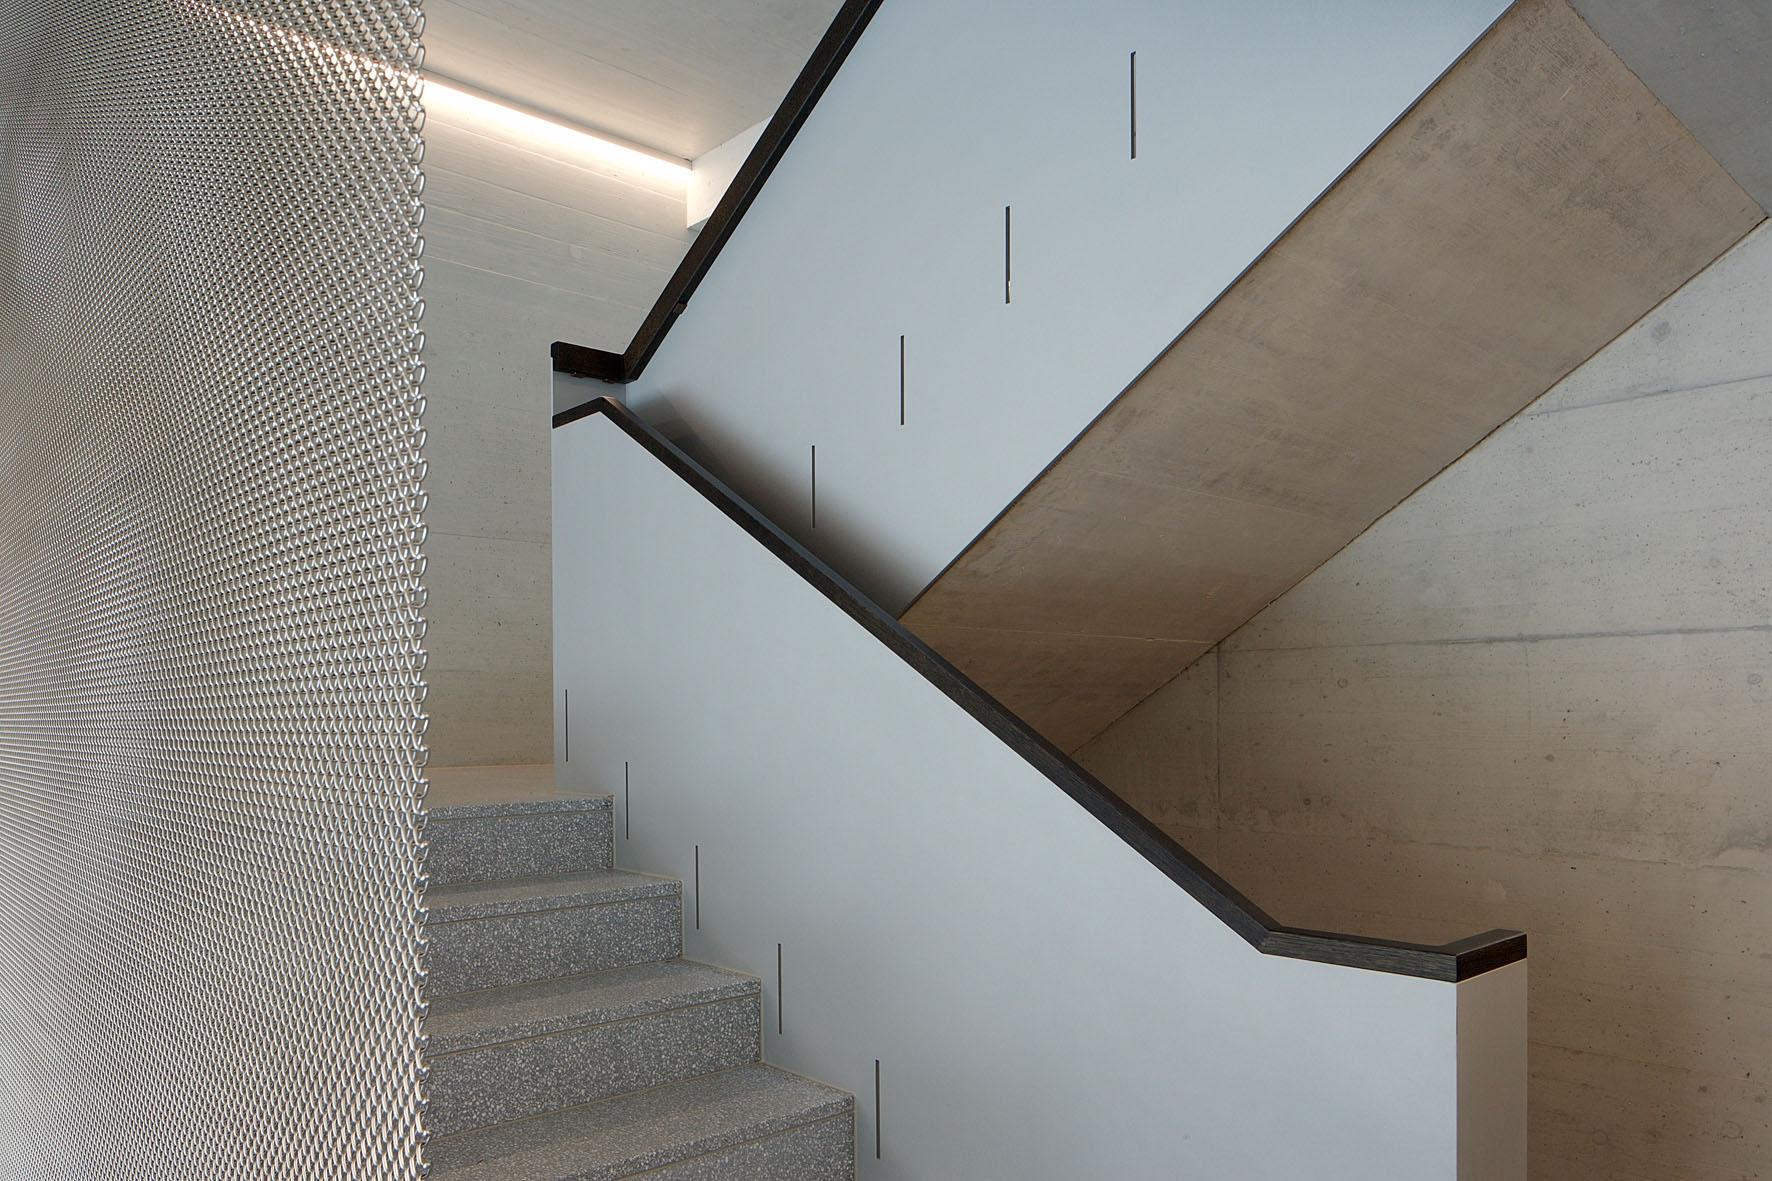 Der Kunststein lässt sich wunderbar mit Sichtbeton kombinieren.